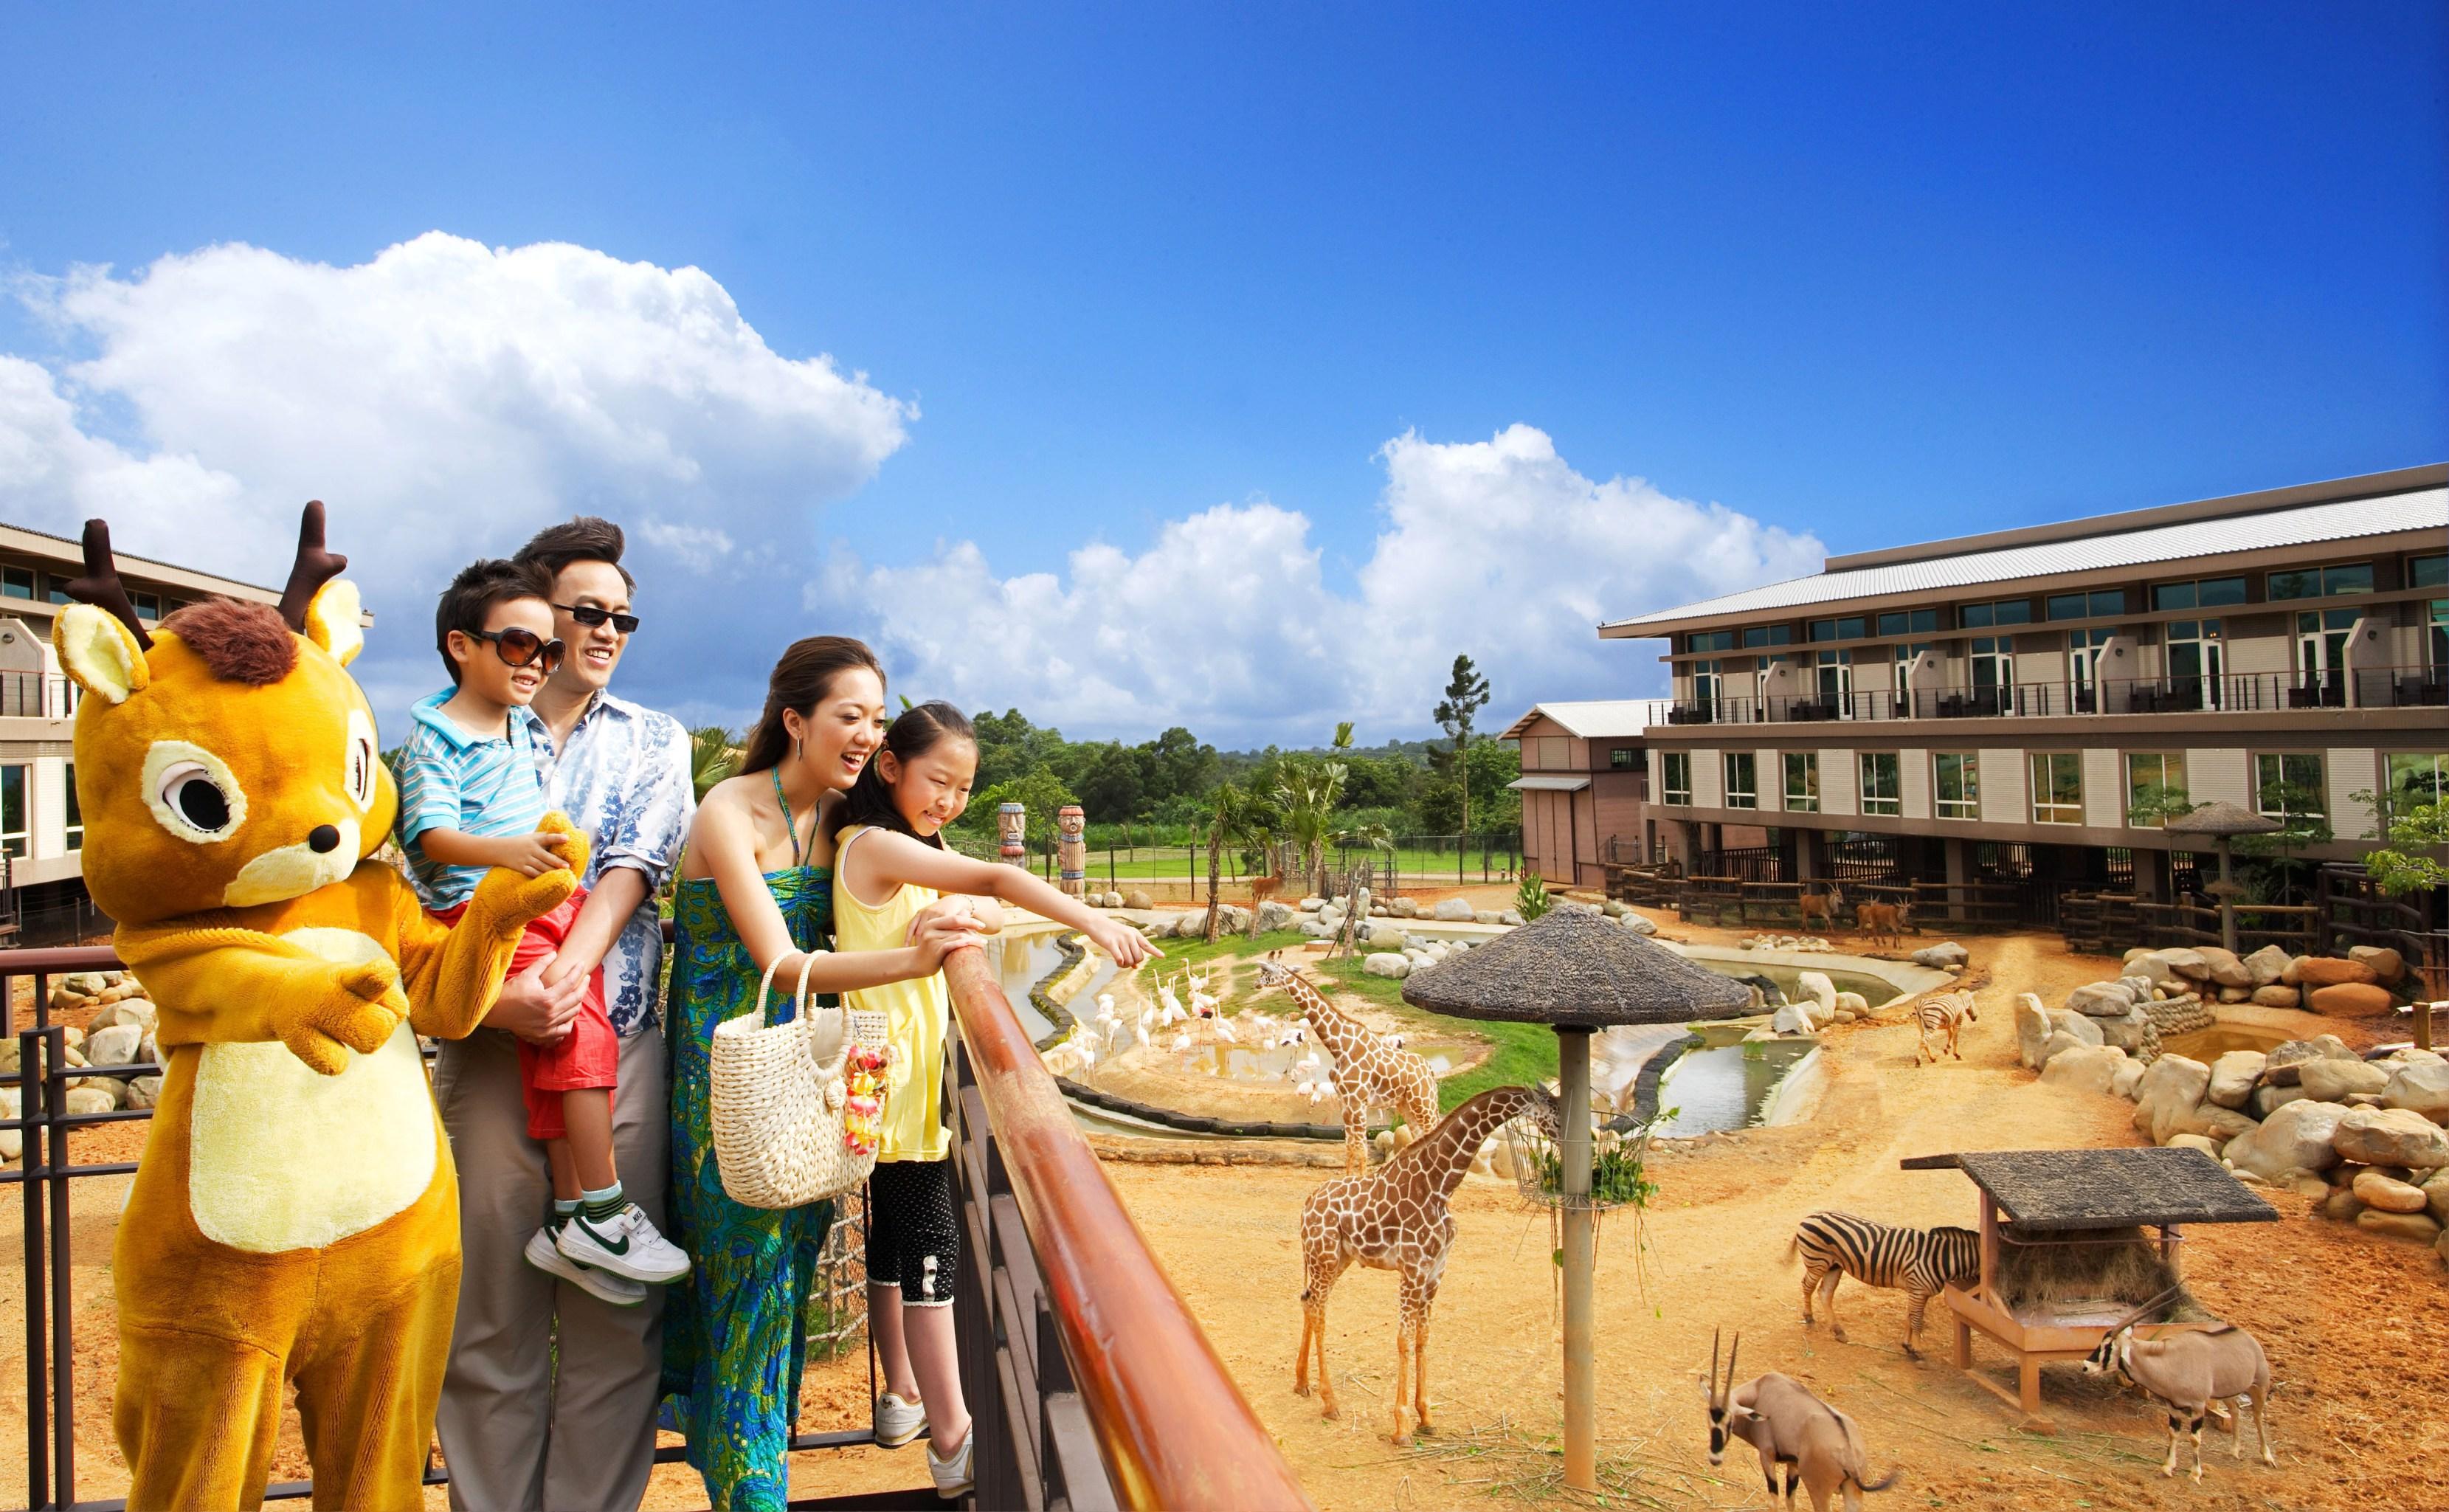 關西六福莊春季踏青新趣味 前進非洲生態新樂園